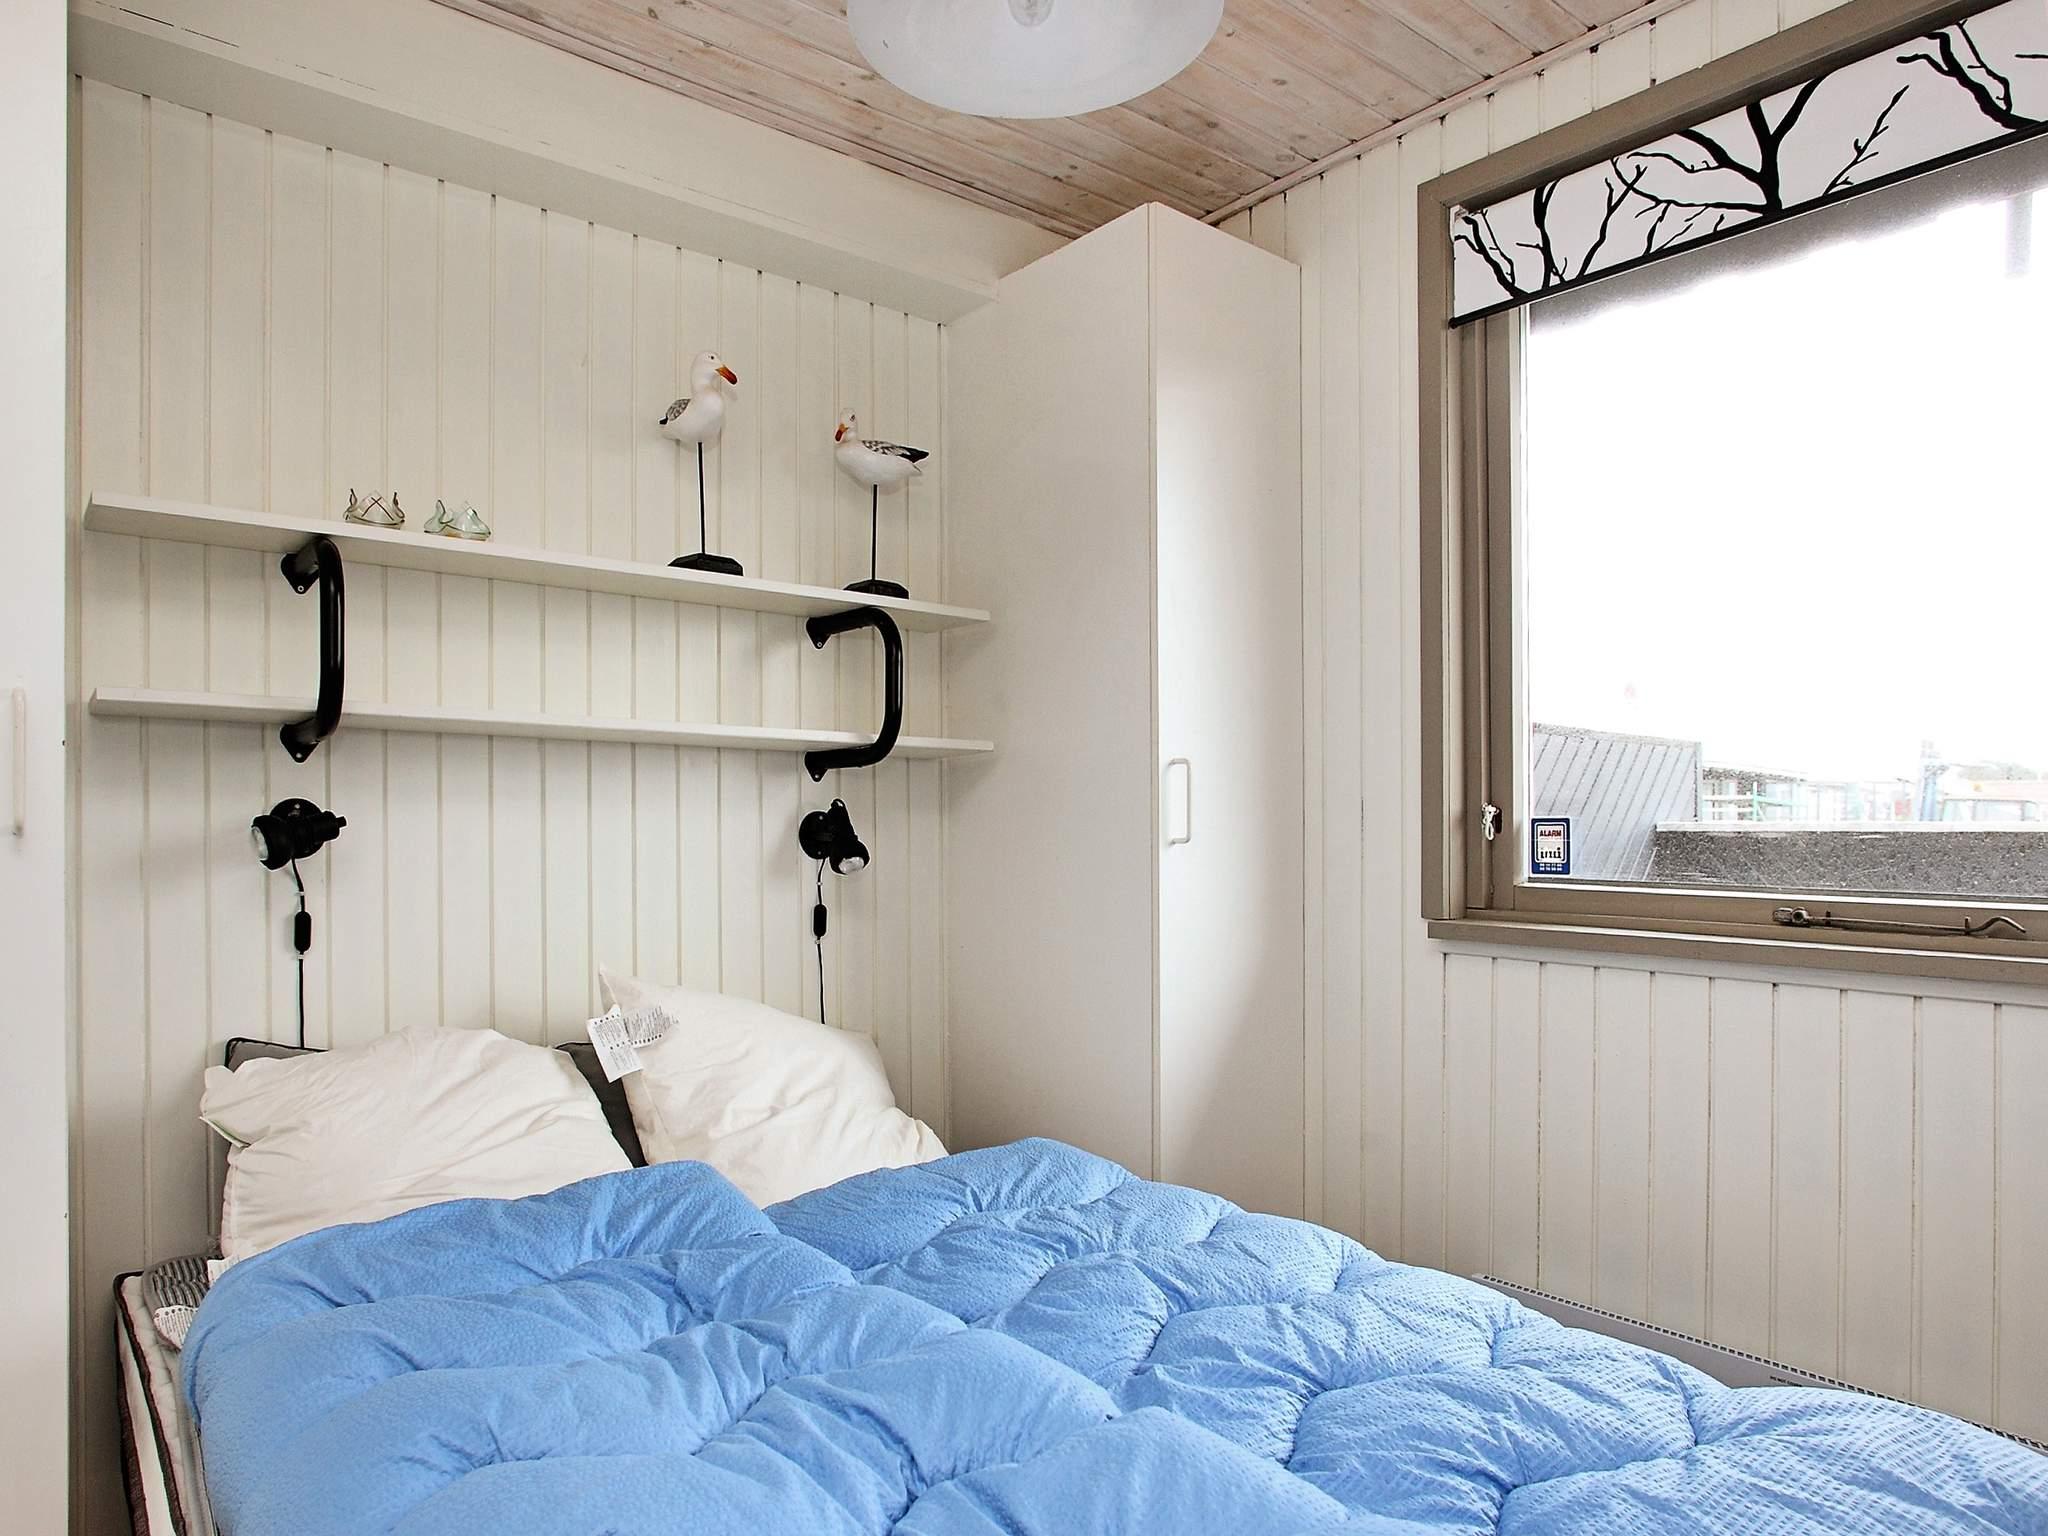 Ferienhaus Blokhus (84949), Blokhus, , Nordwestjütland, Dänemark, Bild 10